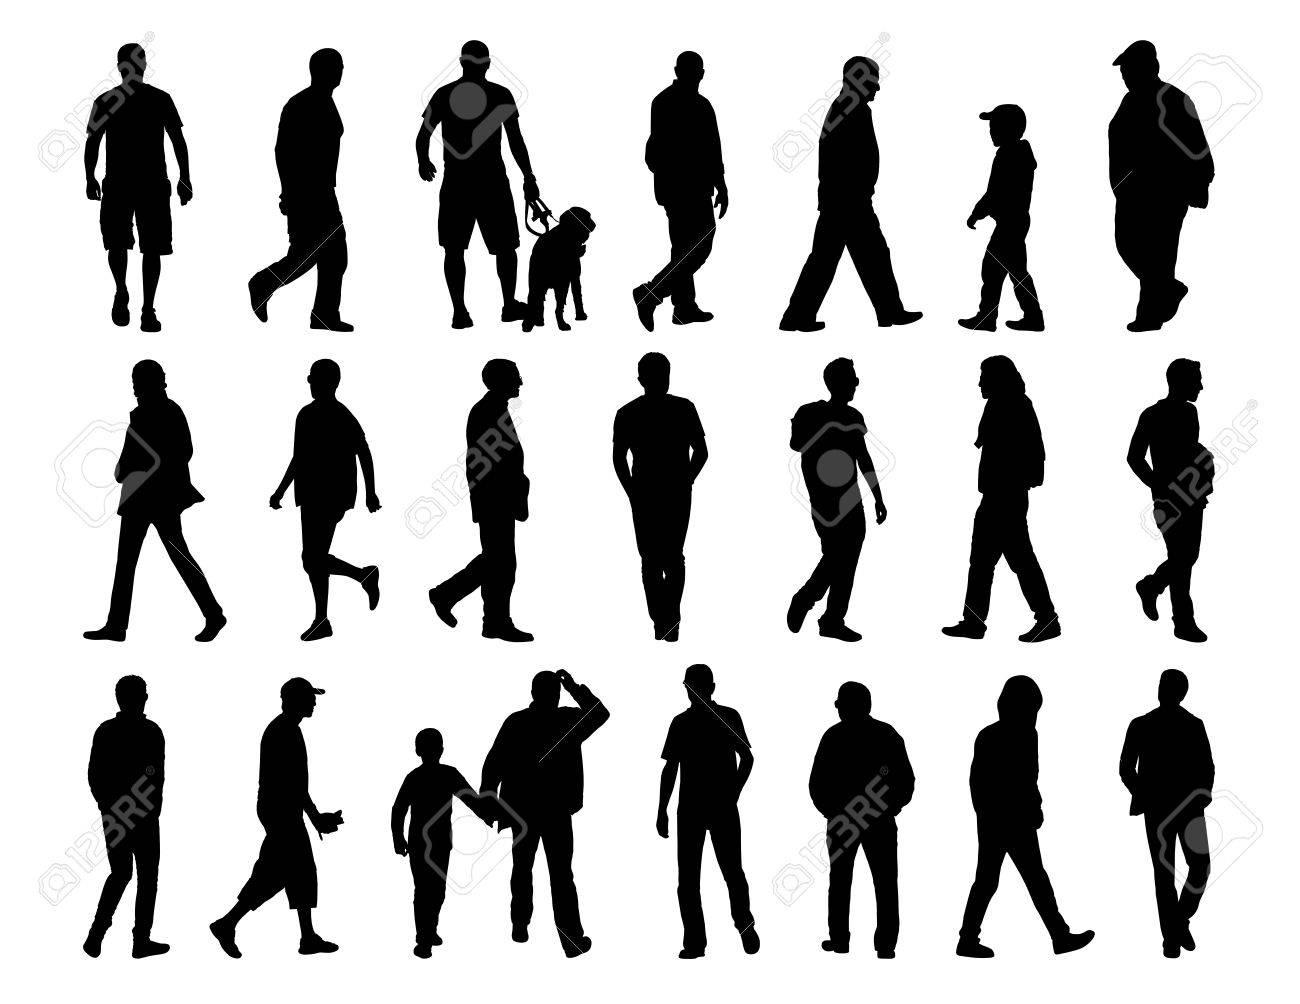 Sagome Persone Che Camminano.Grande Insieme Di Sagome Nere Di Uomini Di Diverse Eta Che Camminano Per La Strada